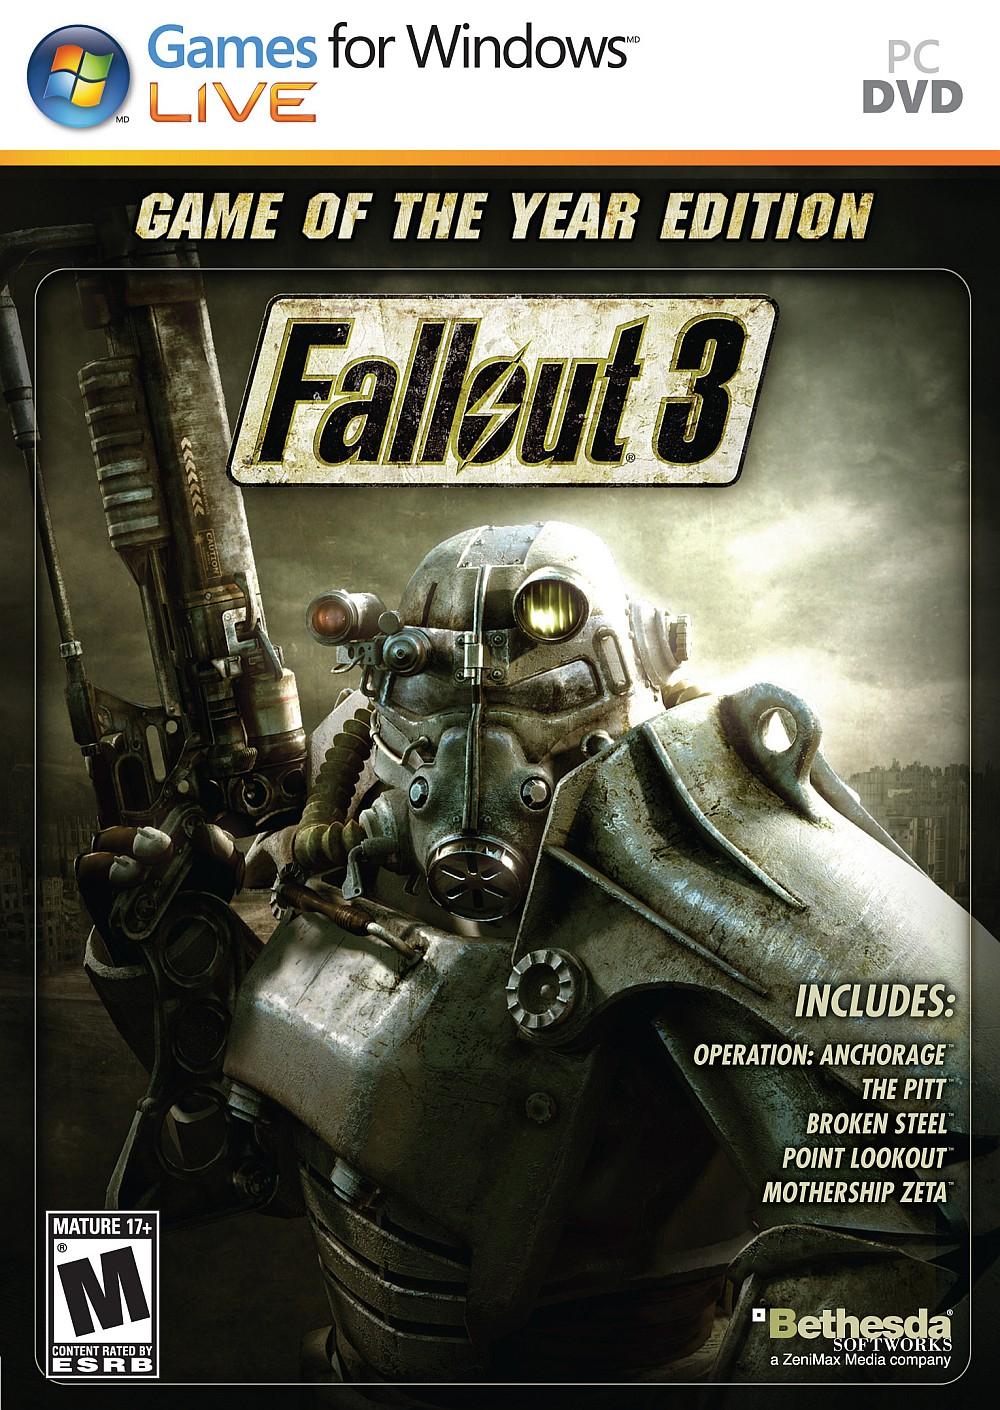 STEAM: Liquidación especial de Bethesda (Fallout) con hasta -85%